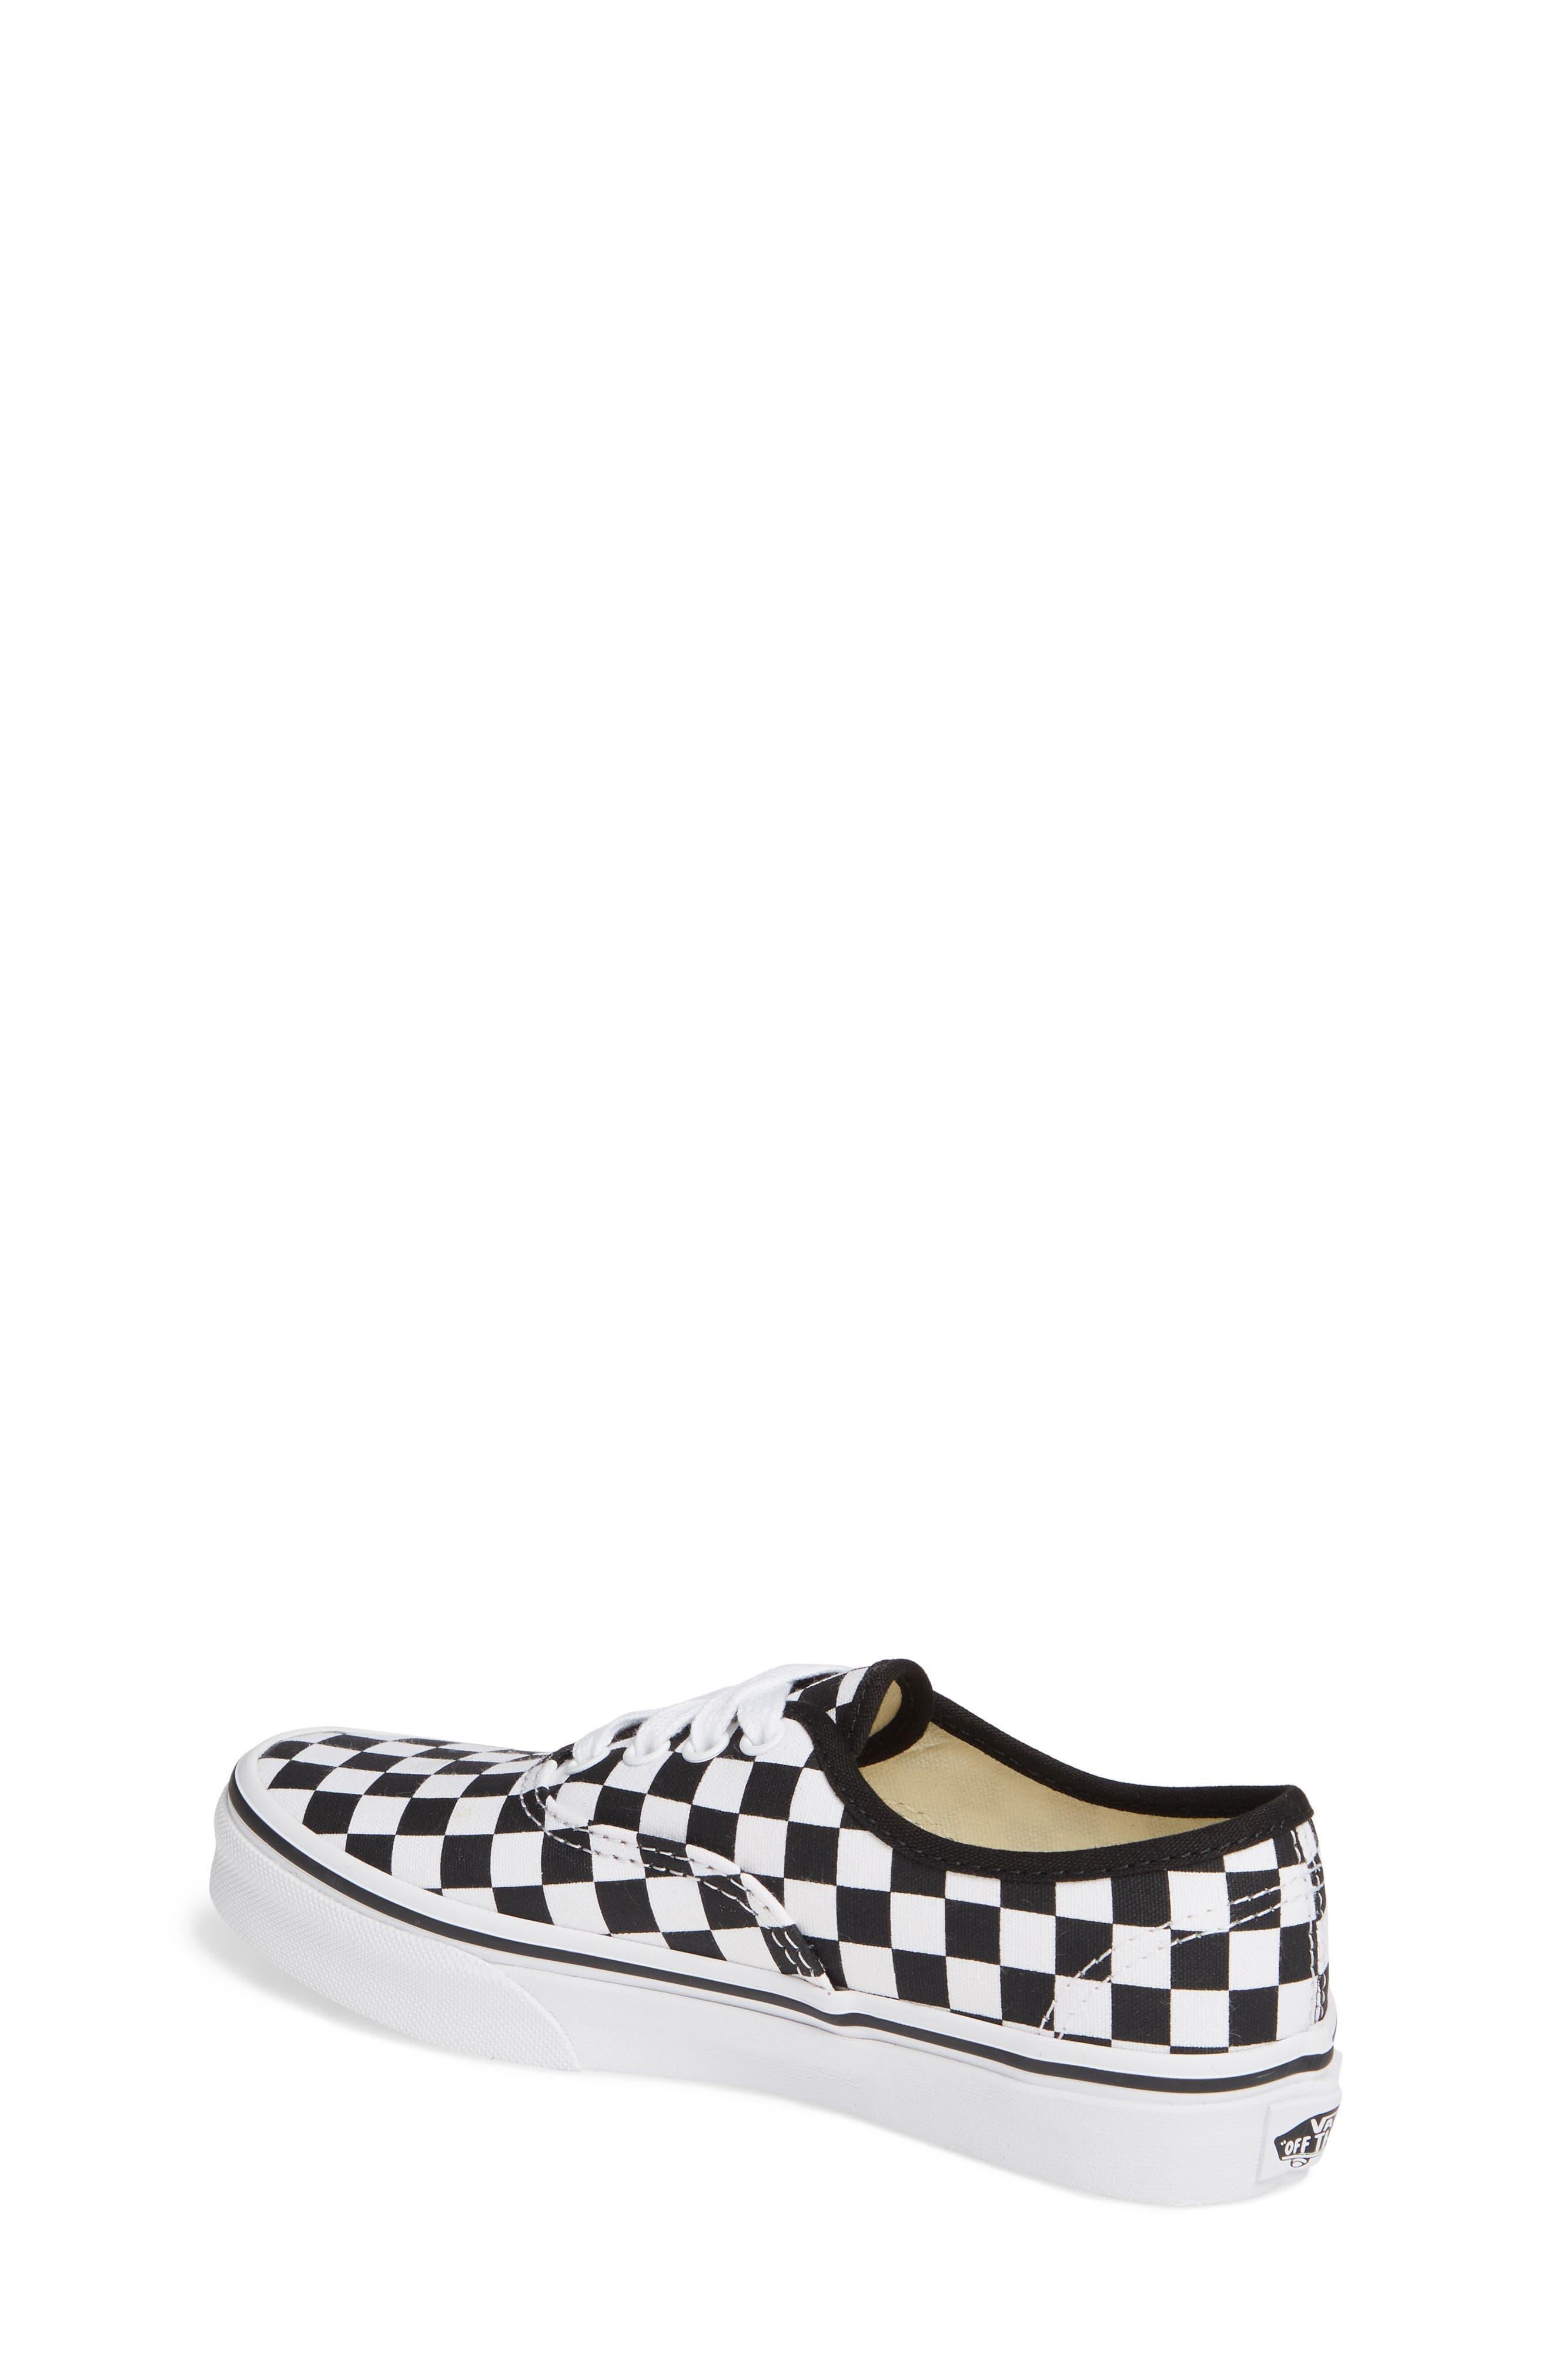 fec99338dd Vans Authentic Shoes